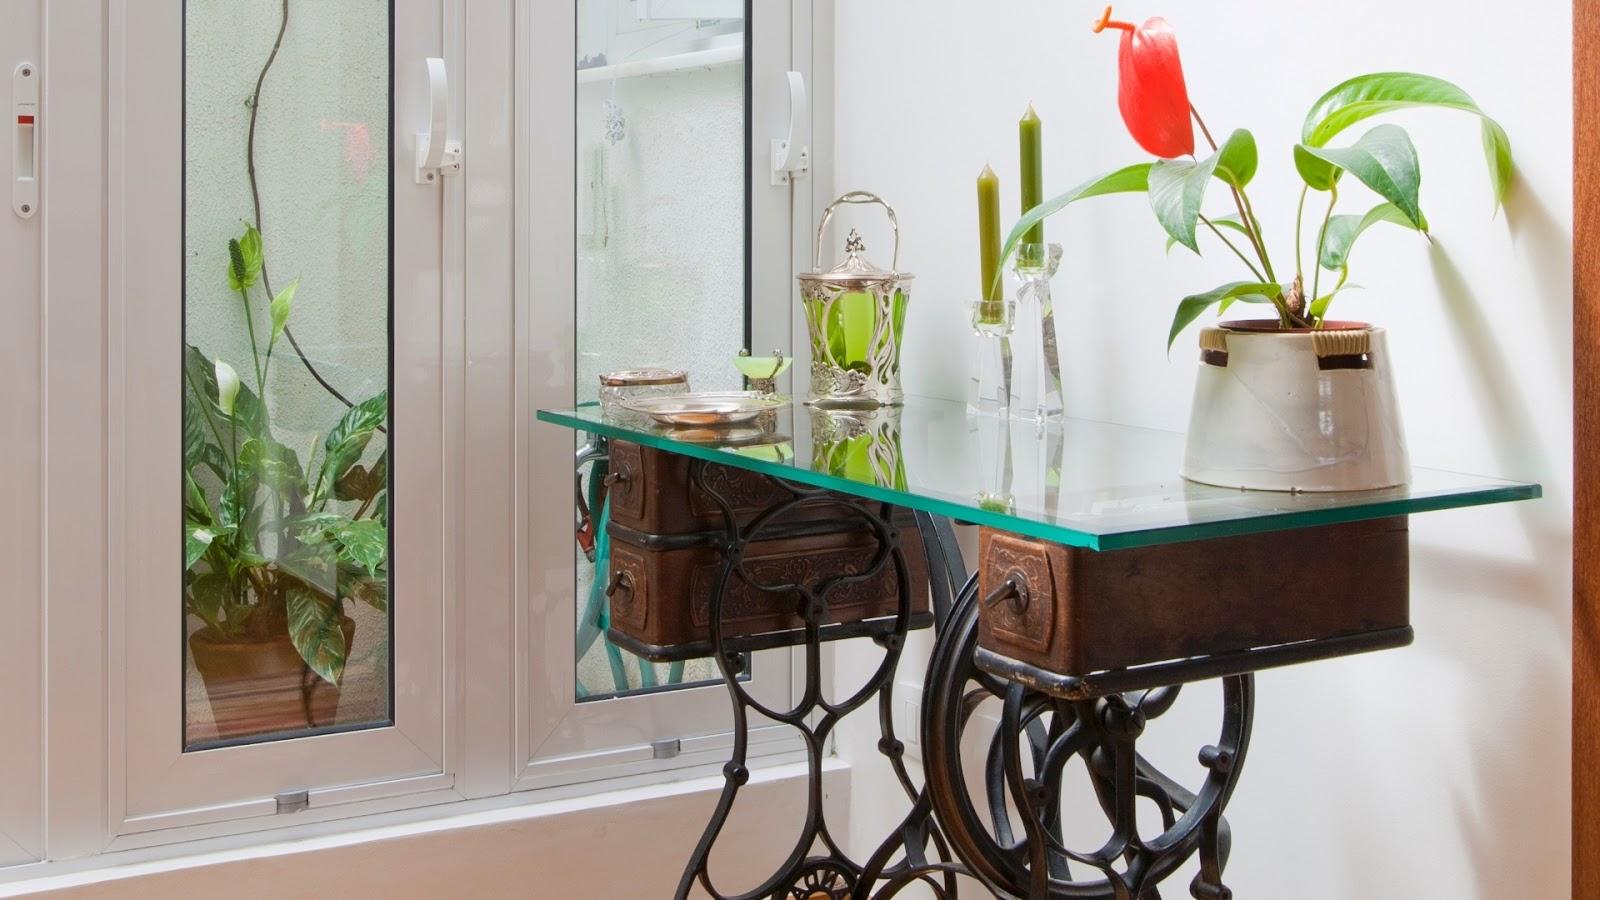 Casa de Boneca Decor: ♥ Máquina de costura antiga na decoração  #2A7C71 1600x900 Banheiro Antigo O Que Fazer